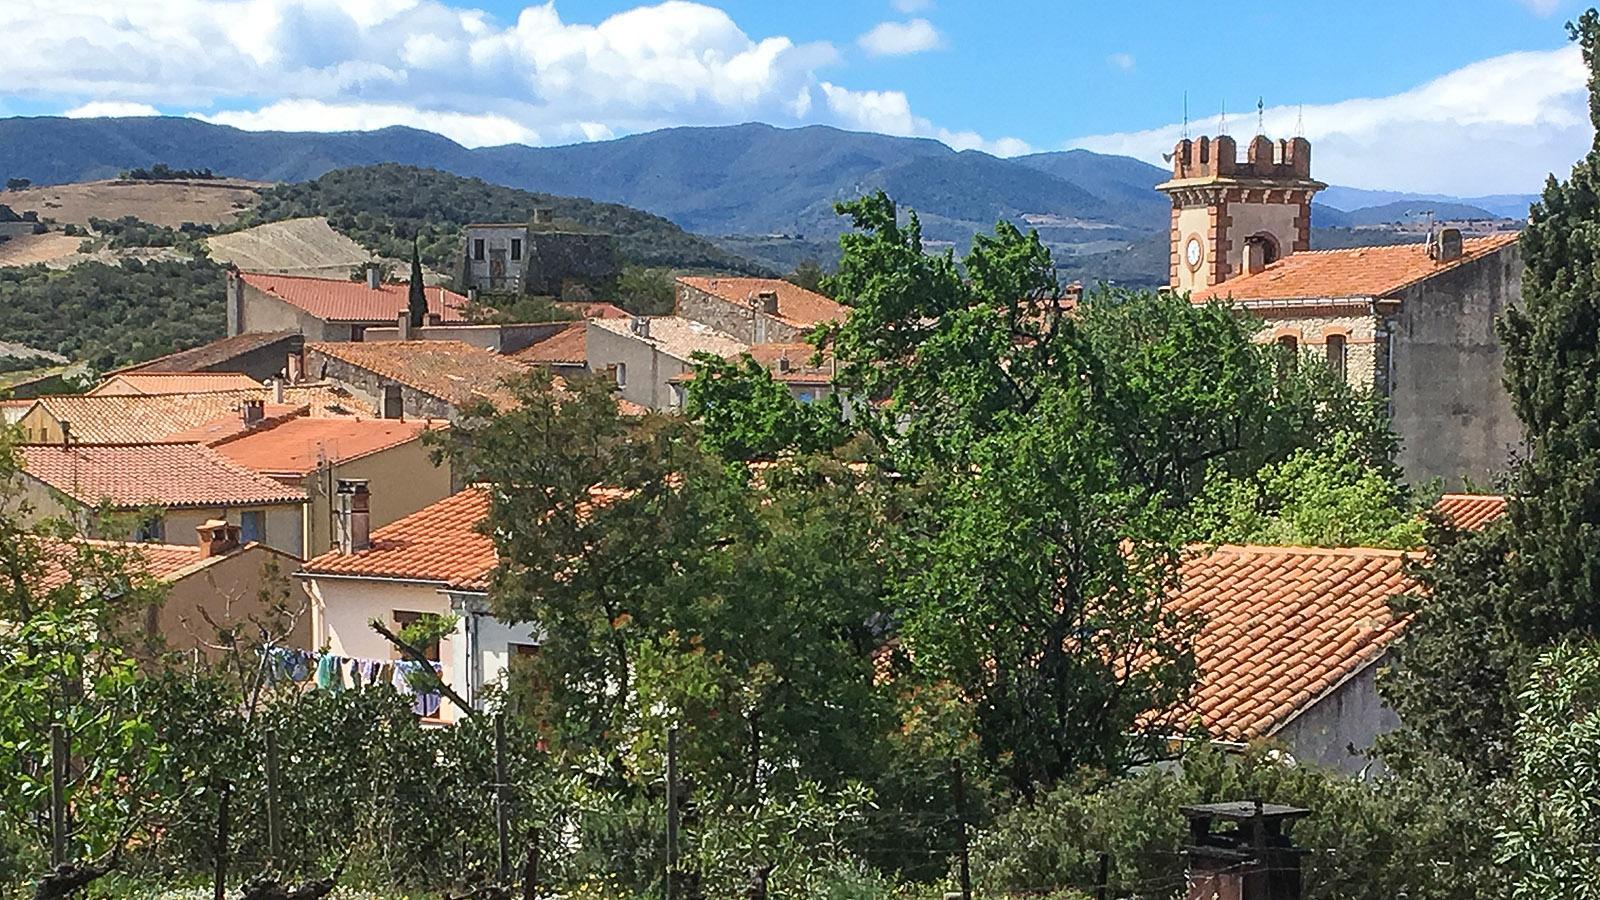 Der Blick auf Planèzes von der Kirche aus. Foto: Hilke Maunder